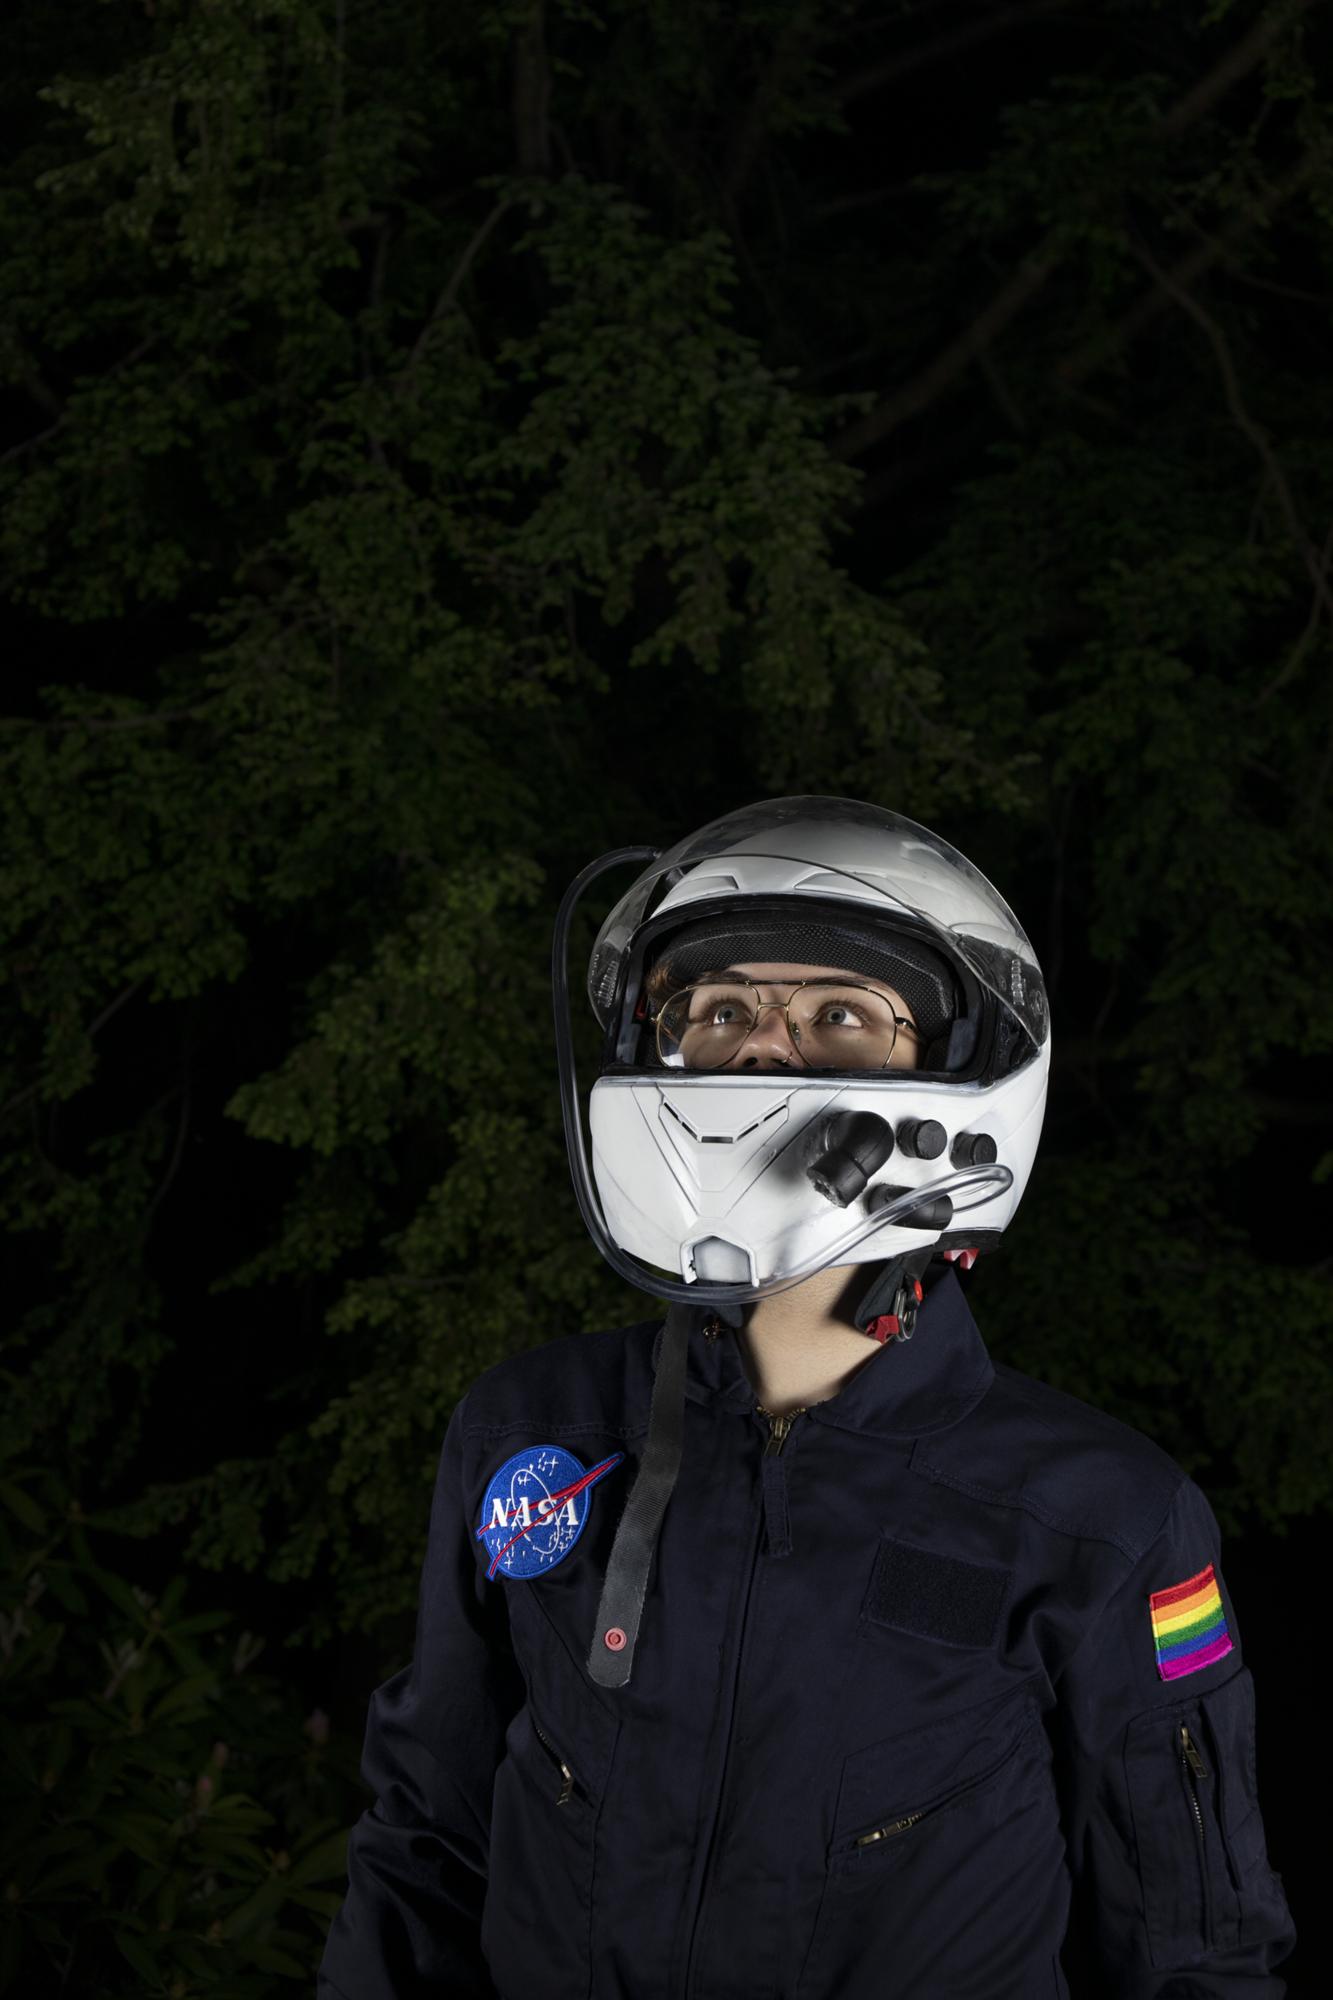 Amateur Astronaut